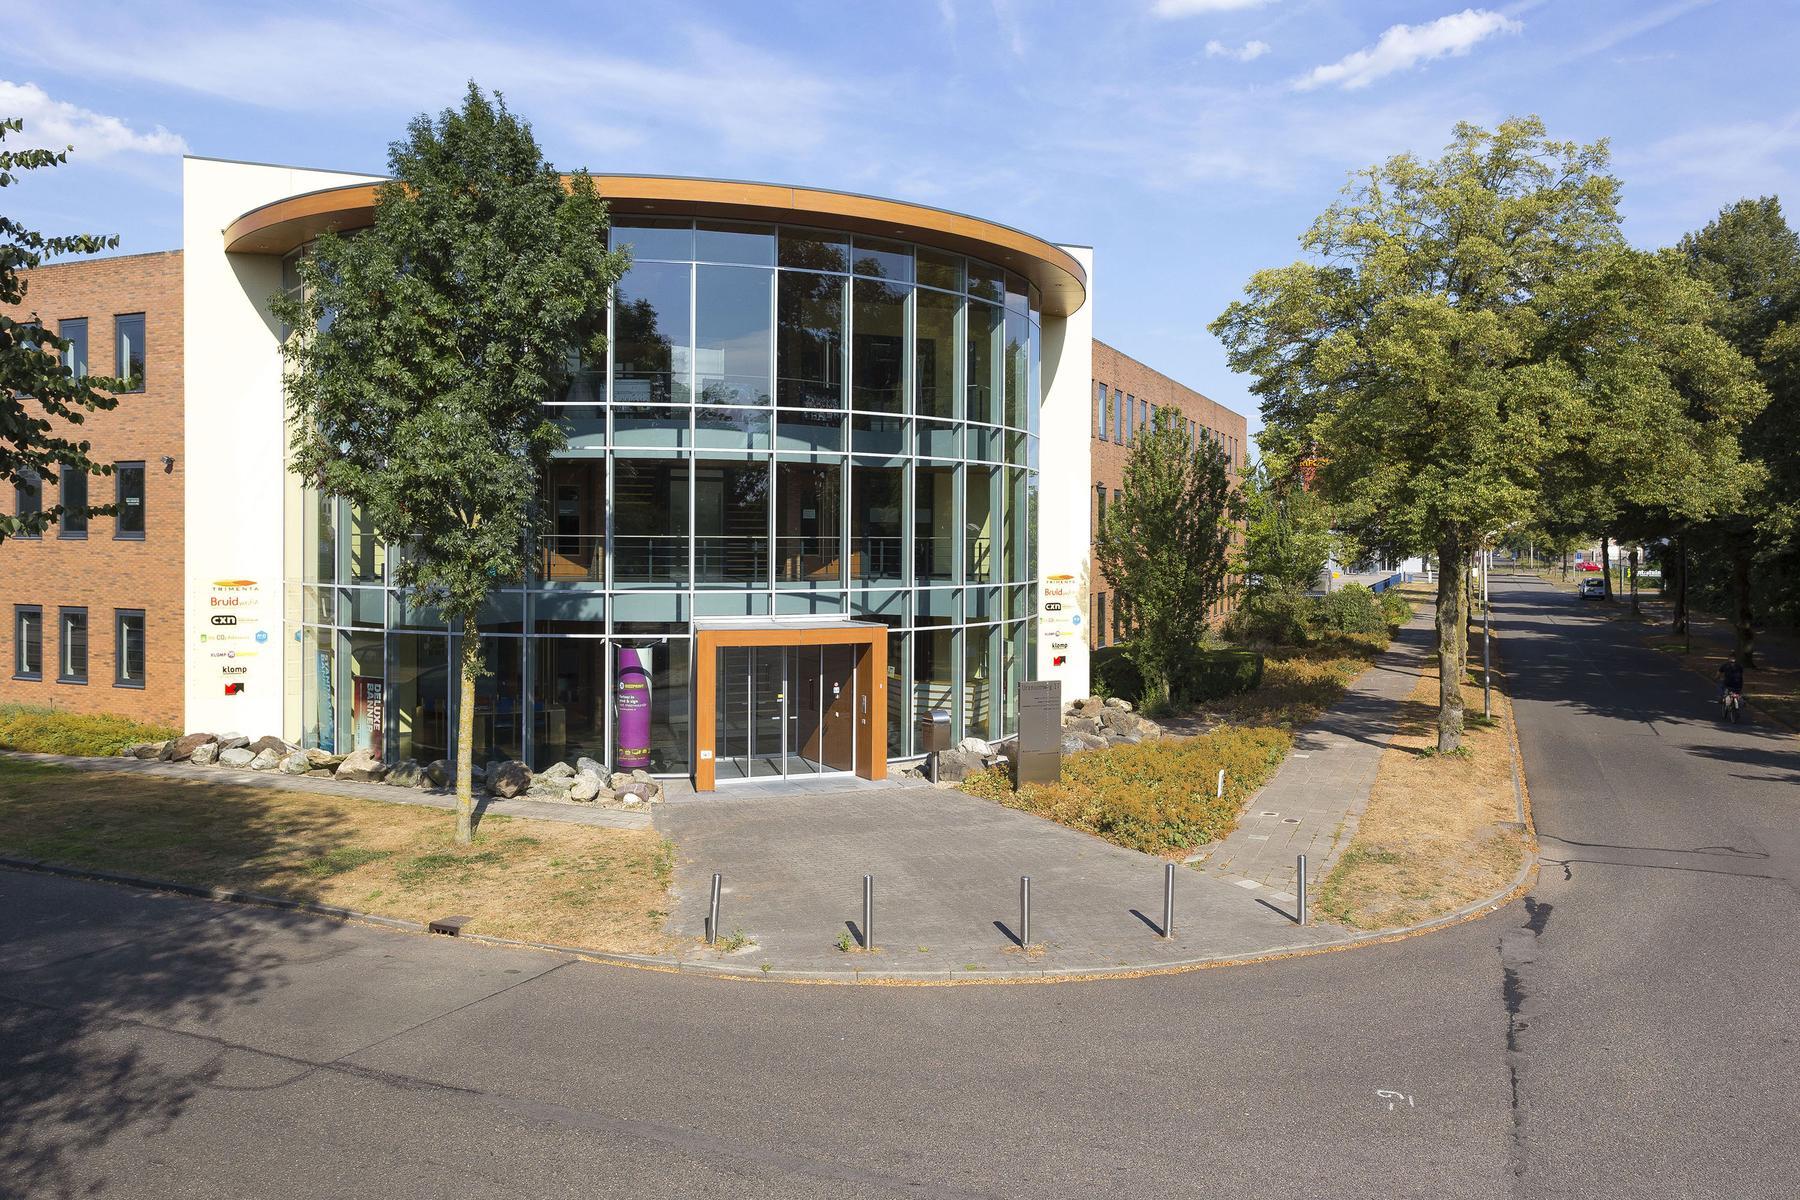 Te huur via ReBM bedrijfsmakelaardij uit Amersfoort ca 641 m2 energiezuinige kantoorruimte aan de Uraniumweg 17A te Amersfoort